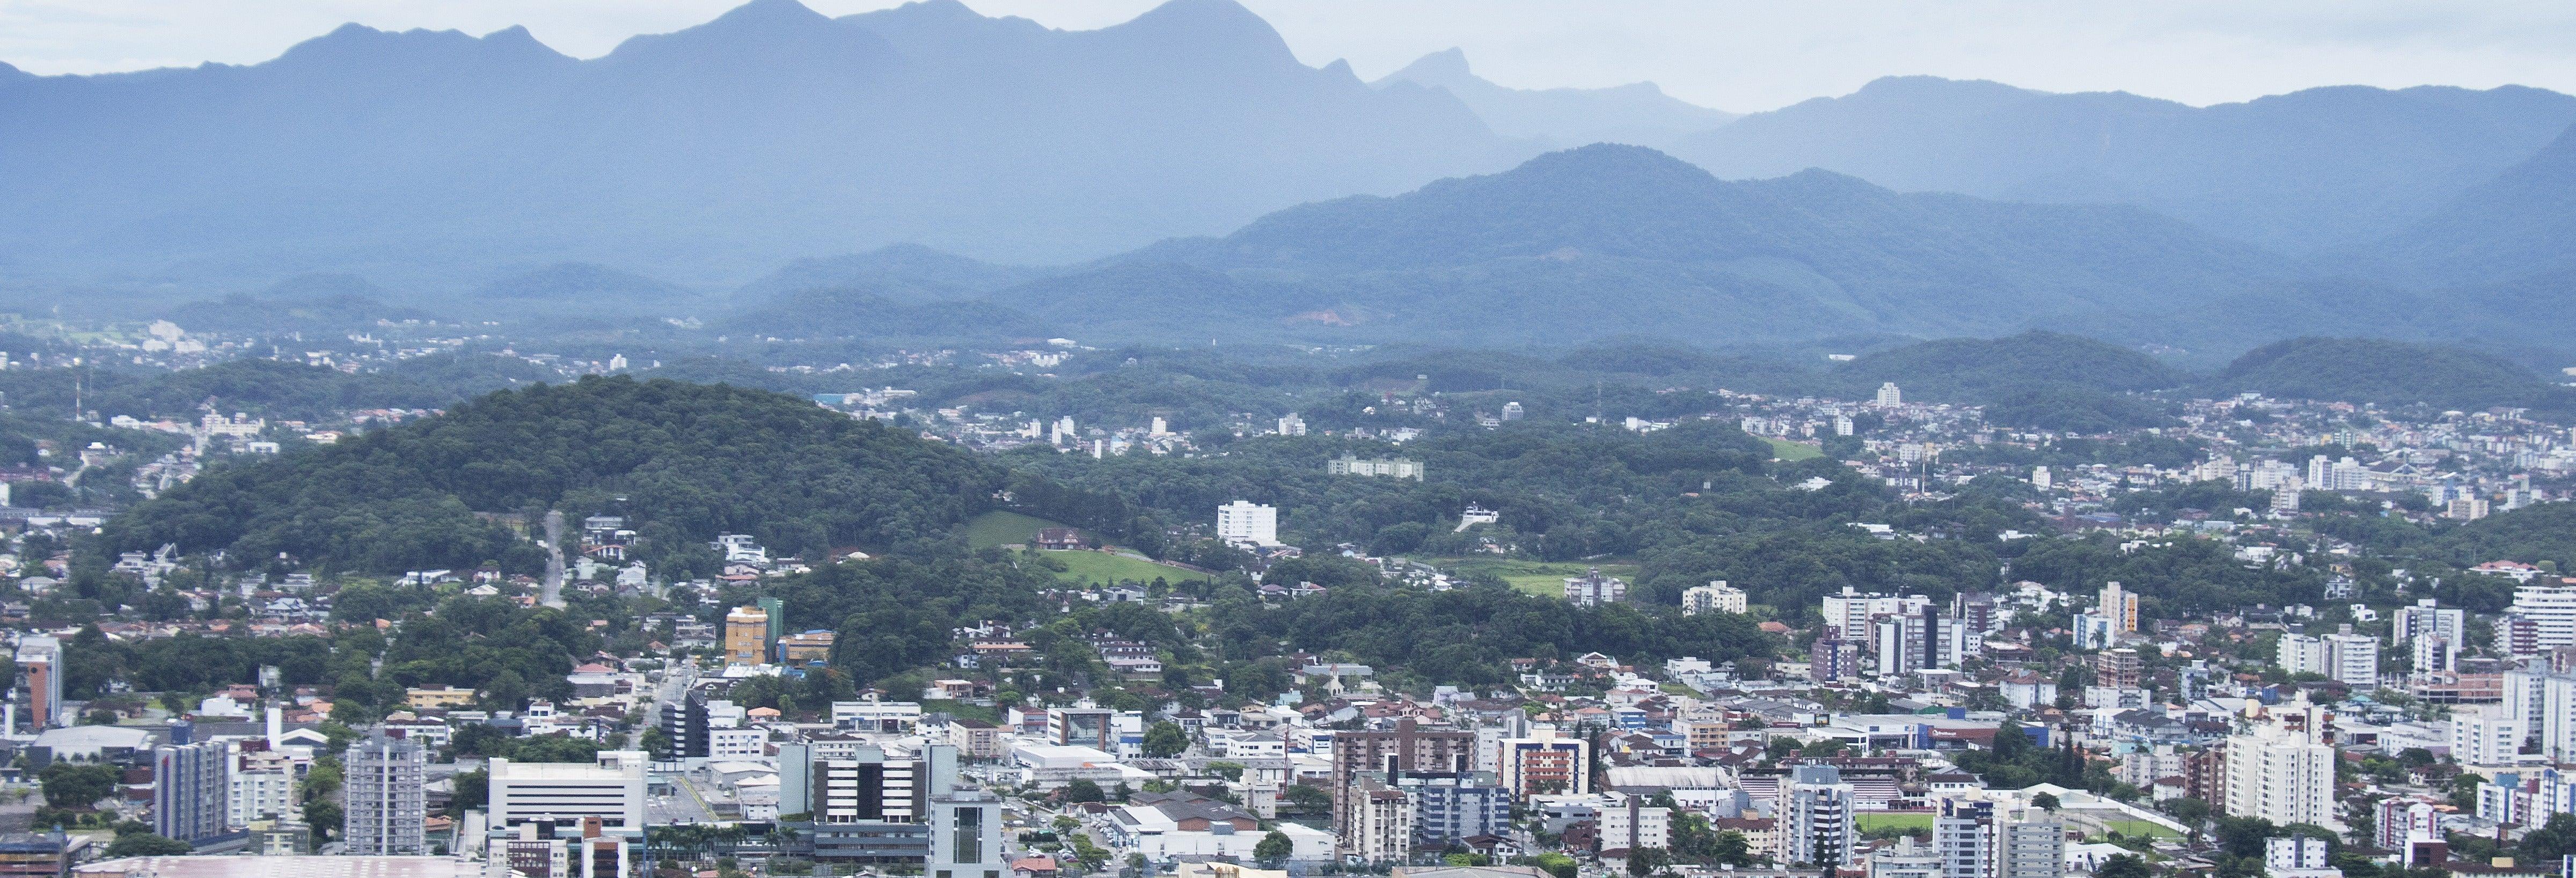 Excursão a Joinville e São Francisco do Sul